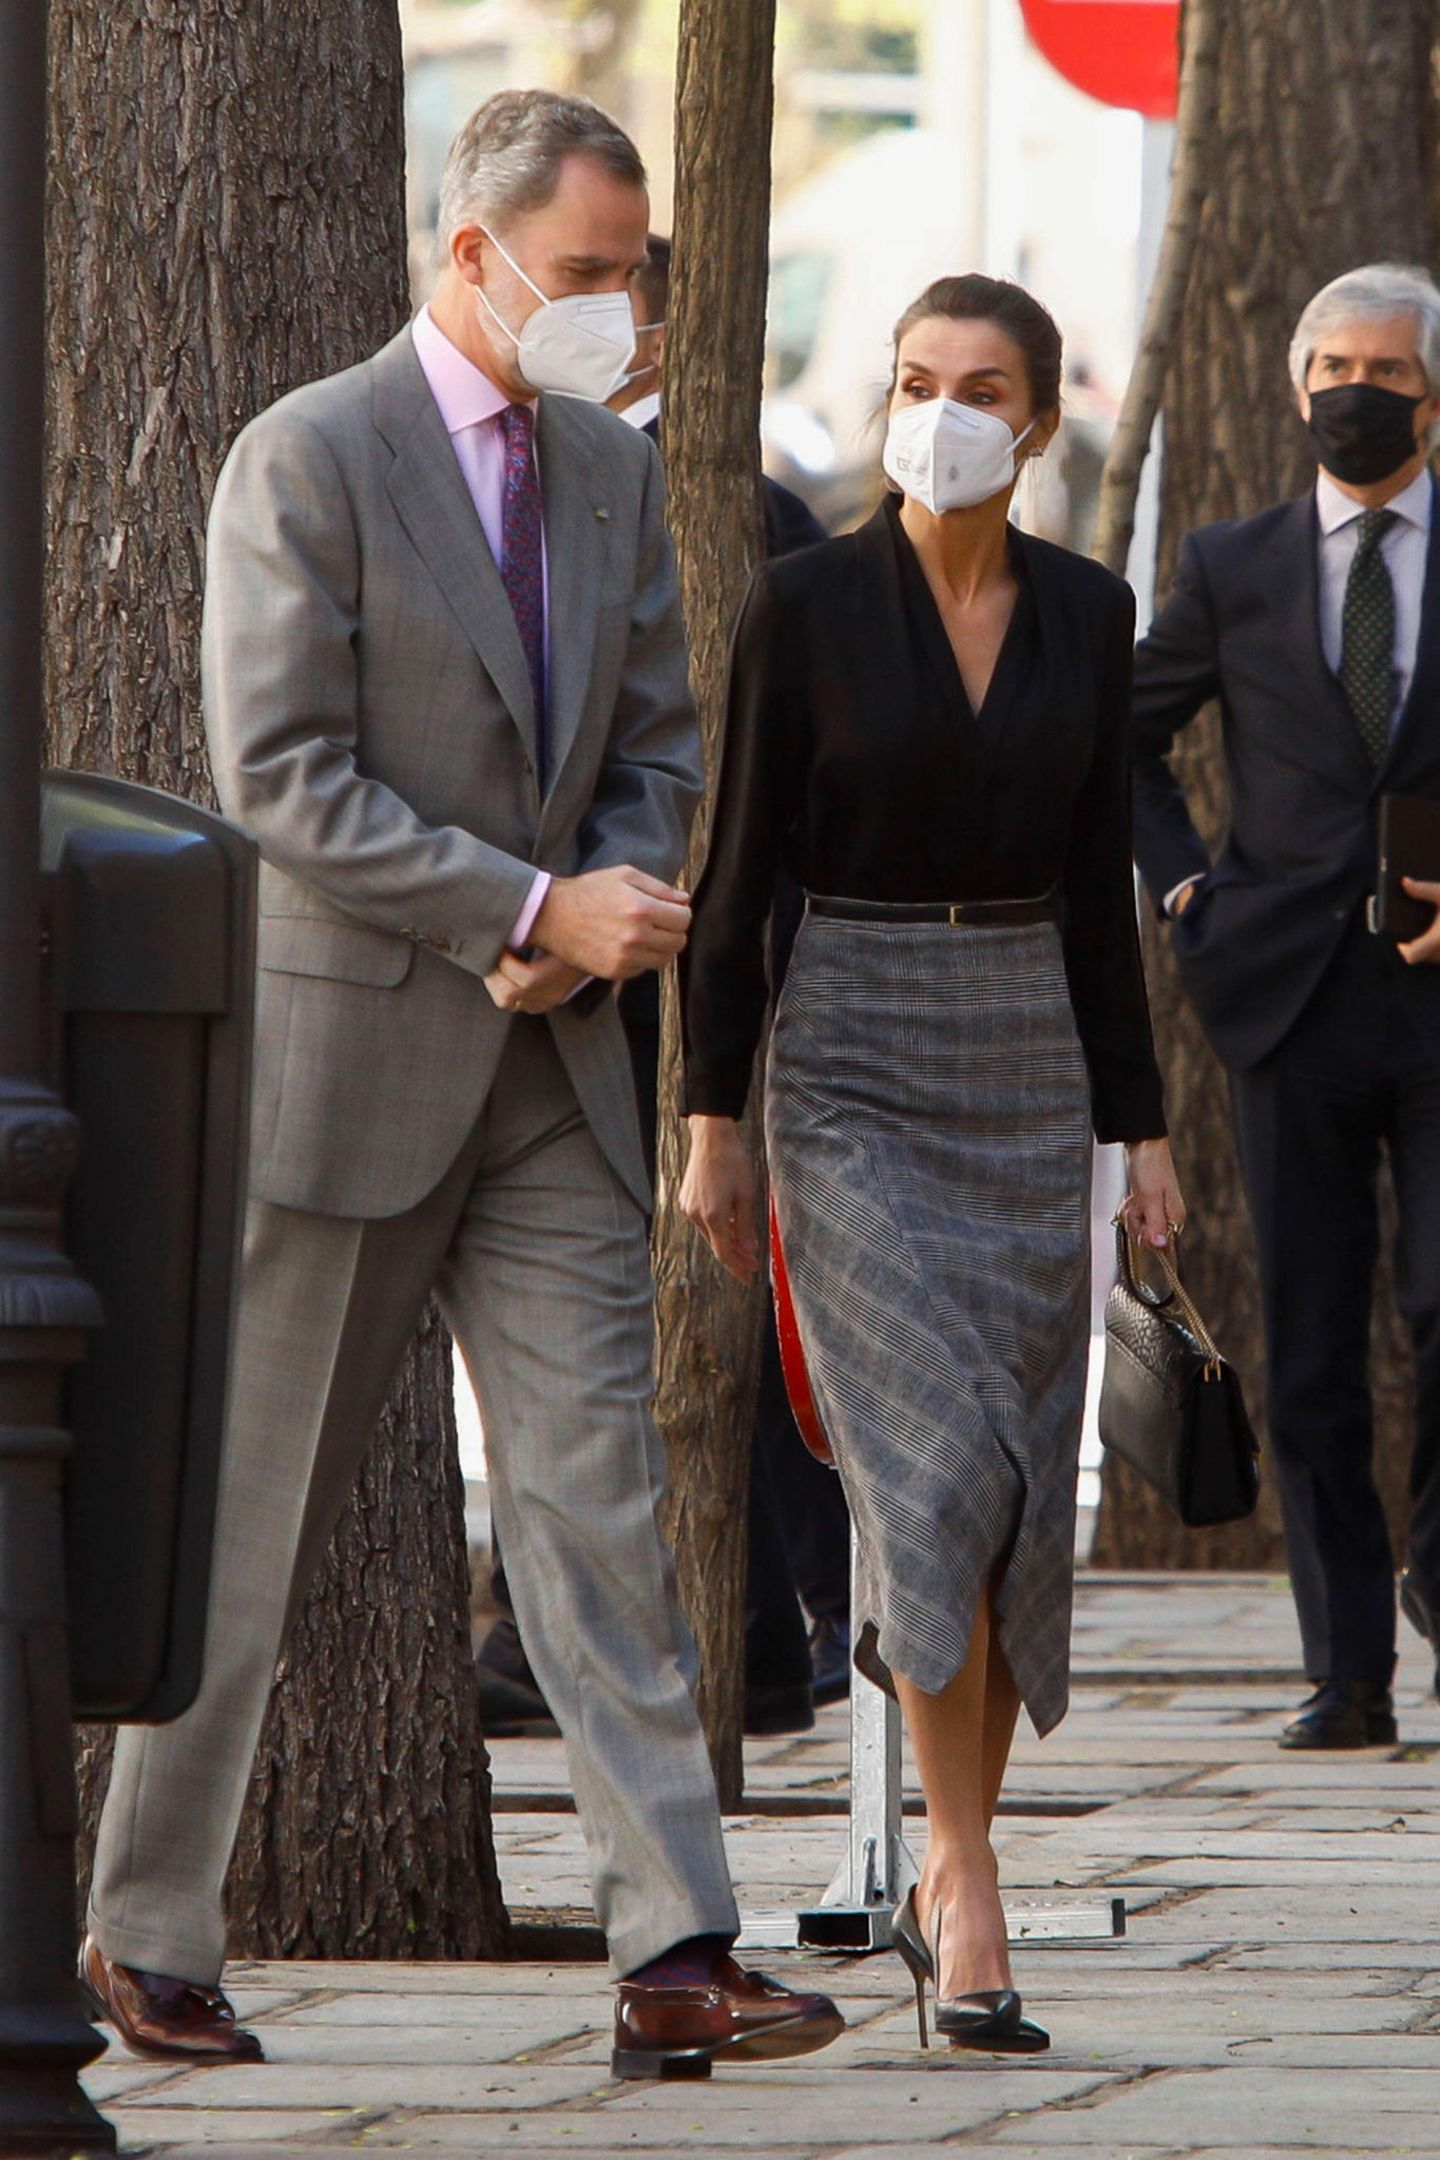 Bei diesem Termin in der royalen Tapetenfabrik in Madrid gehtes um schöne Stoffe und besondere Muster – und auch Königin Letizia ziehtstyletechnisch mit: Ihre schlichte Bluse von Sandro kombiniert sie zum karierten Rock von Massimo Dutti. Wie so oft an ihren Füßen: spitze Pumps.